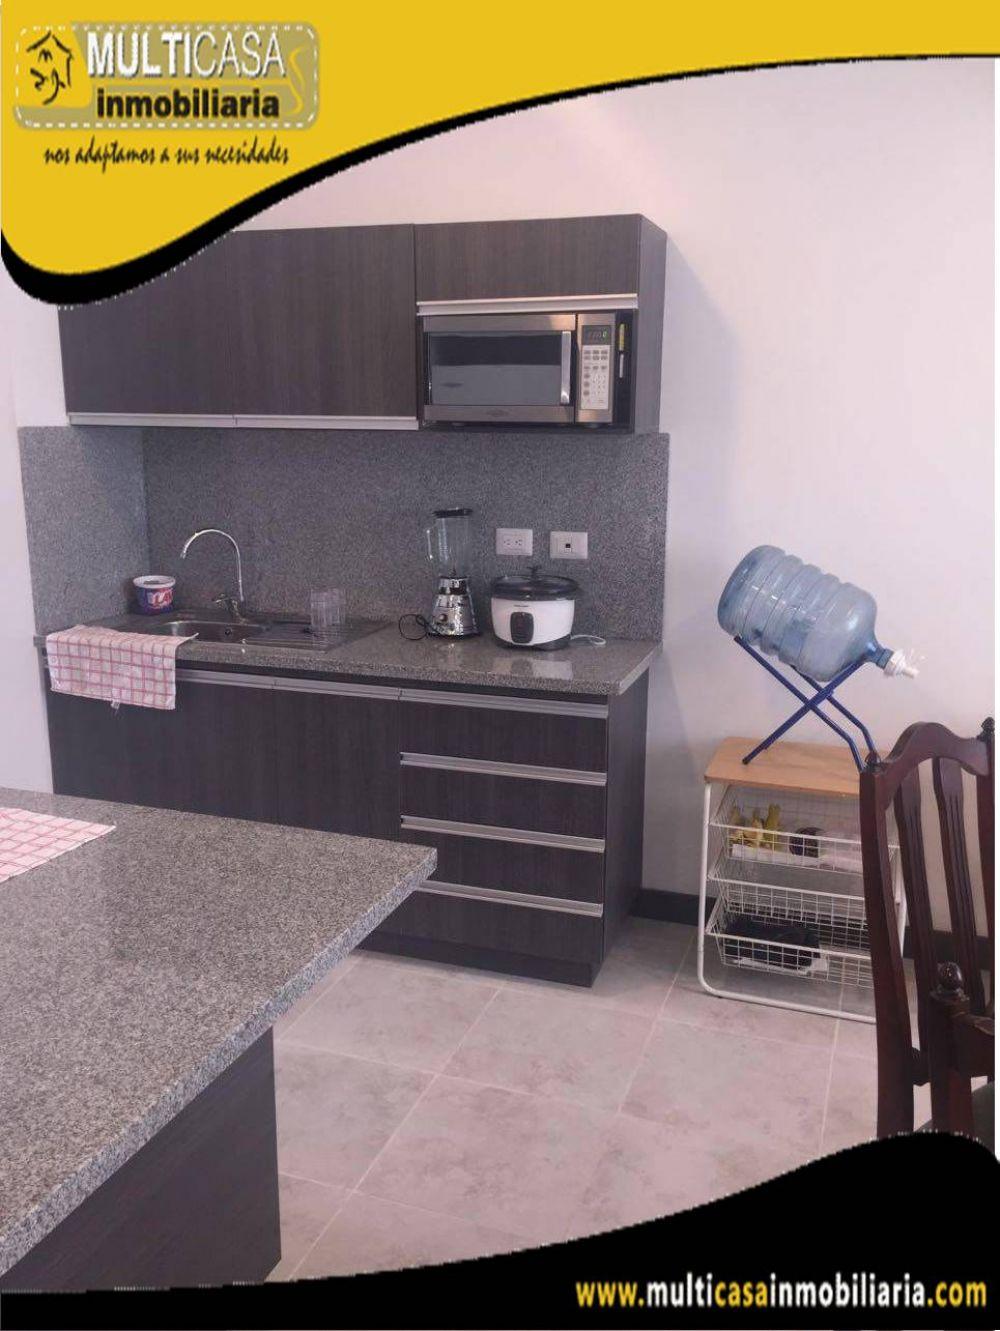 Departamento en Venta a Crédito en Condominio Privado Sector Salinas-Ecuador